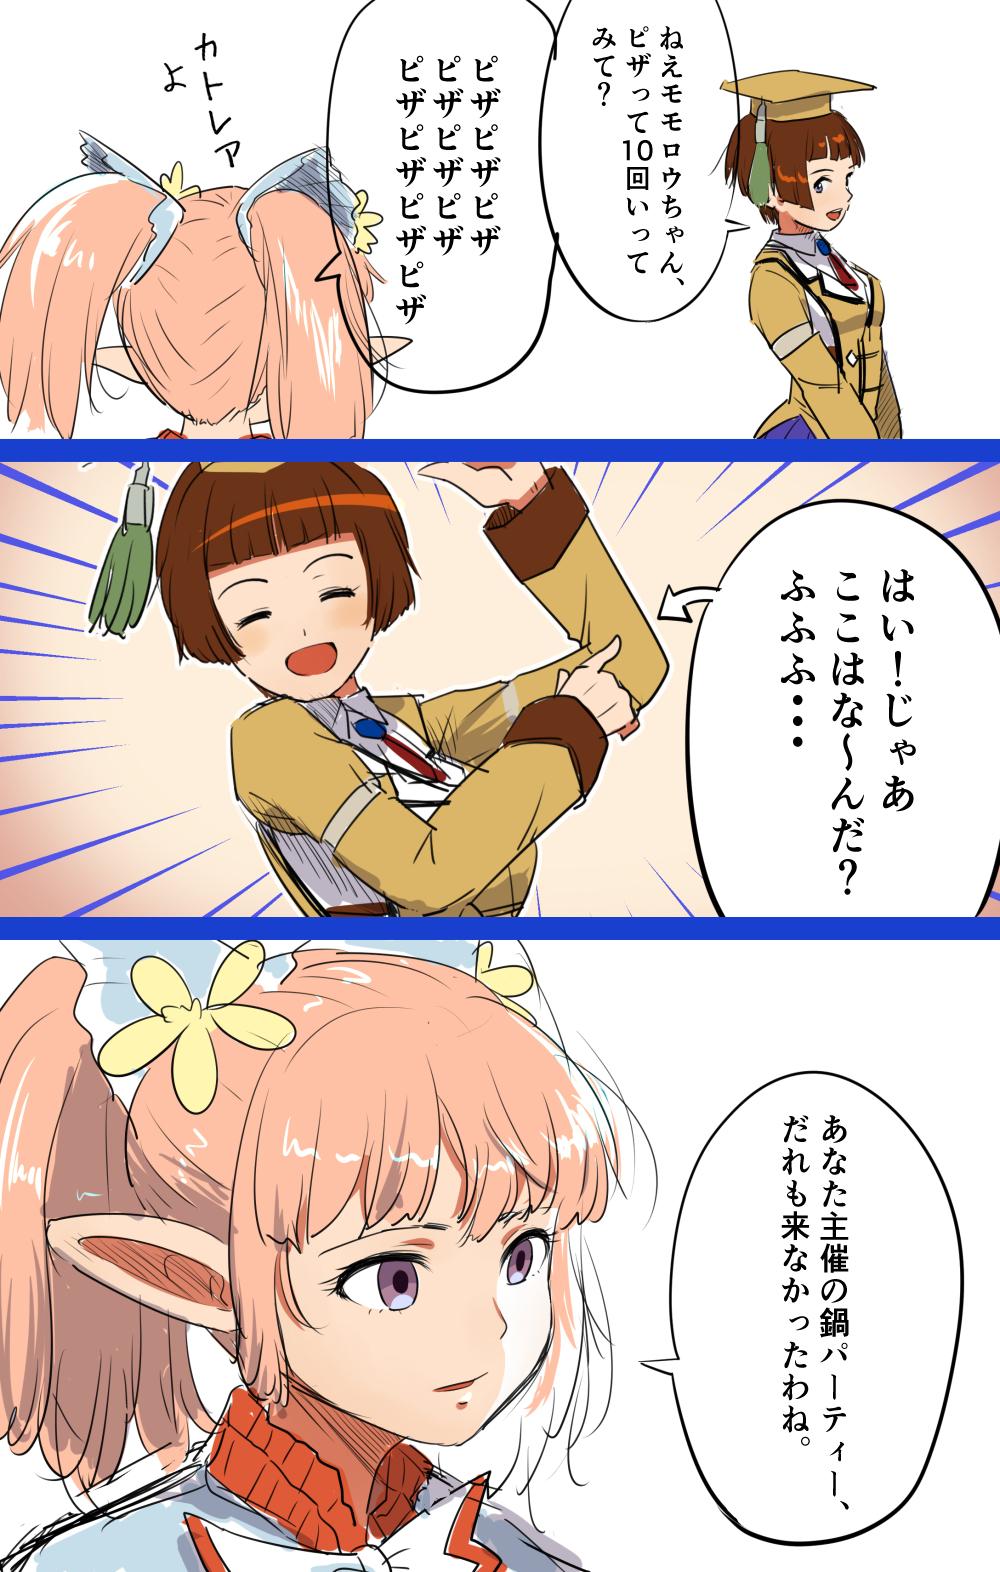 イラスト紹介、MHF絵チャ二回目台詞つき